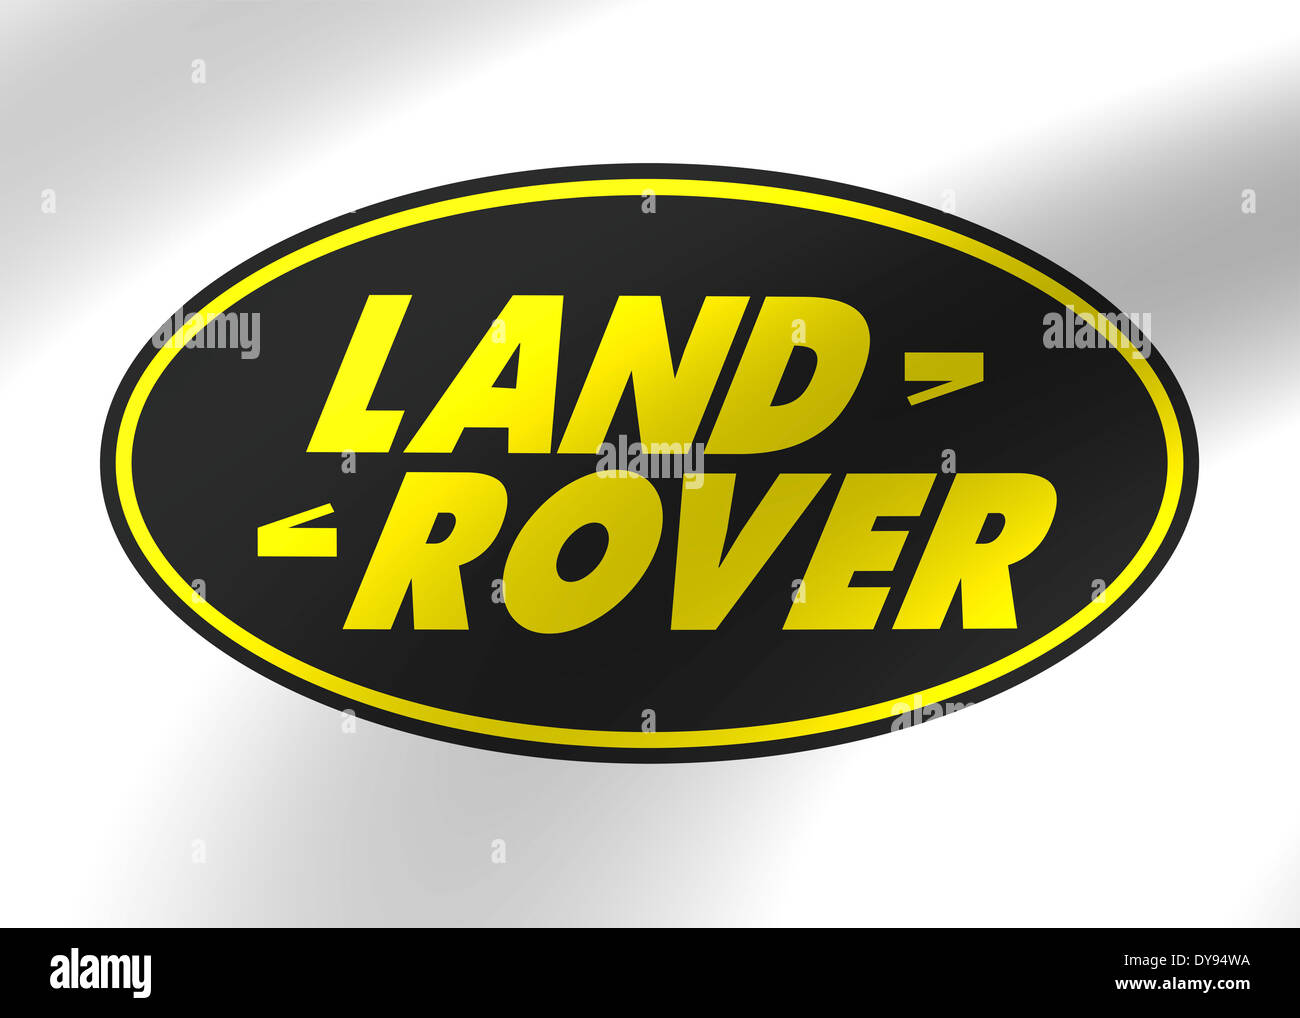 Land Rover Logo Icon Symbol Stock Photos Land Rover Logo Icon